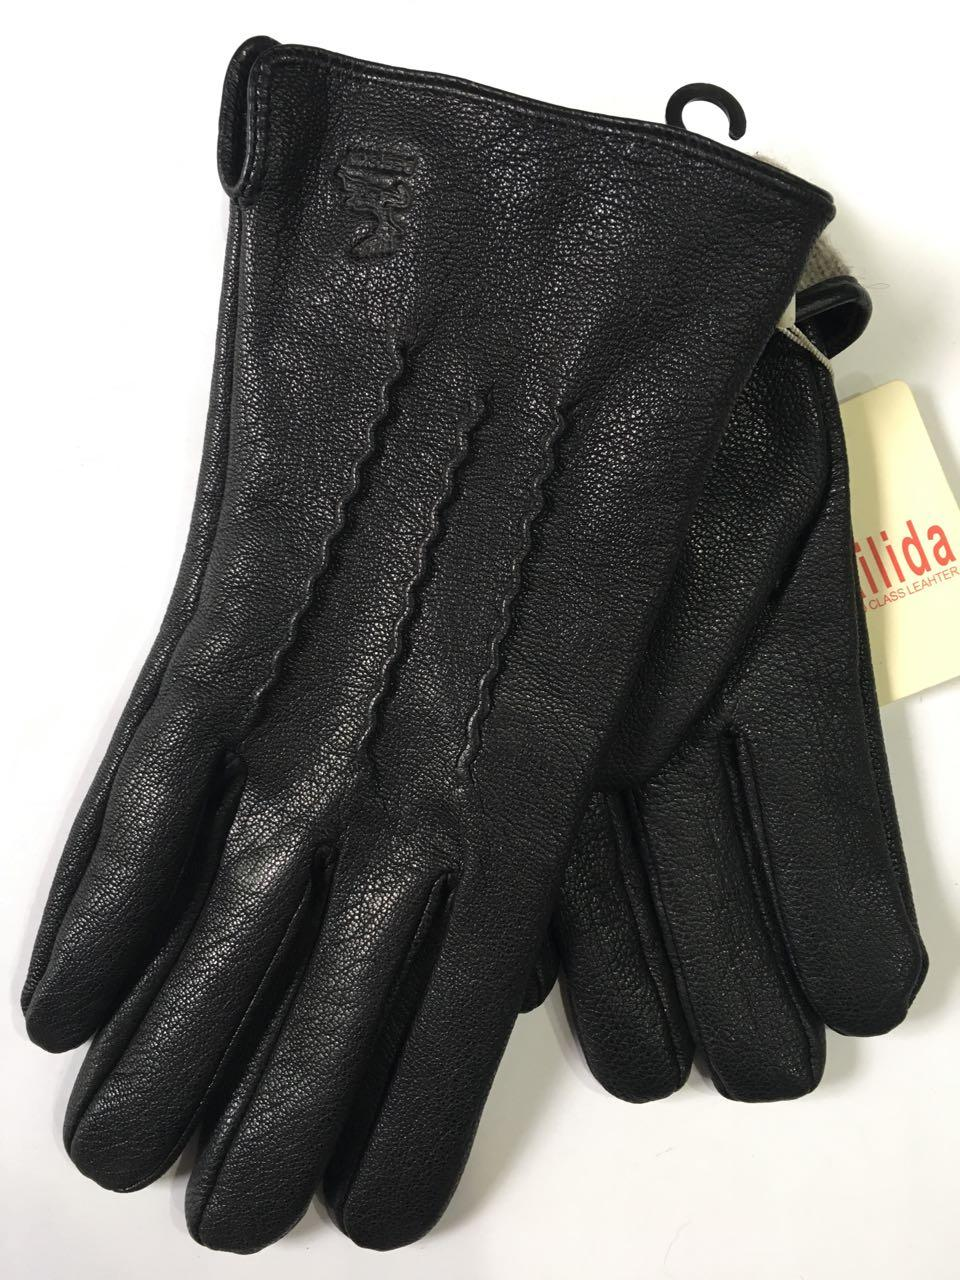 Мужские перчатки кожа оленя на шерсти(сетка) оптом от 5 пар